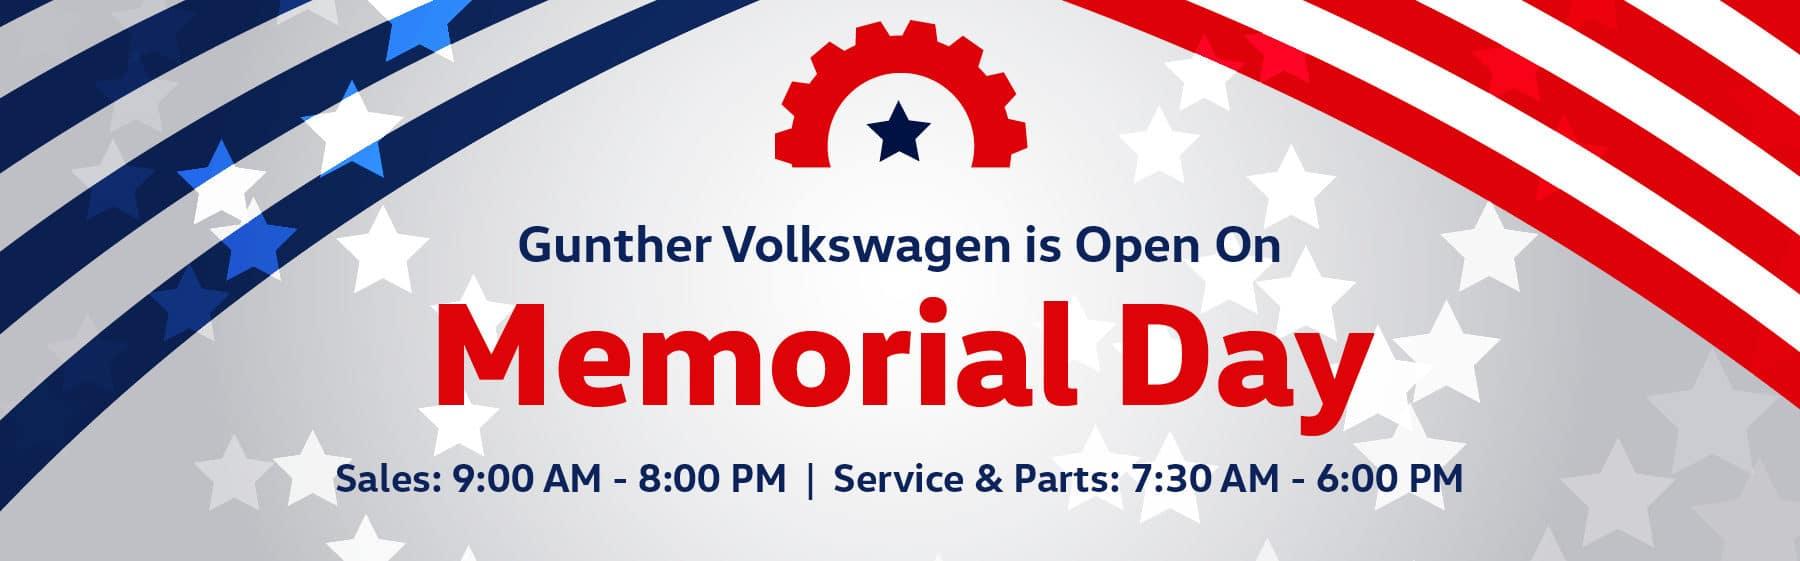 Gunther Volkswagen is open on Memorial Day